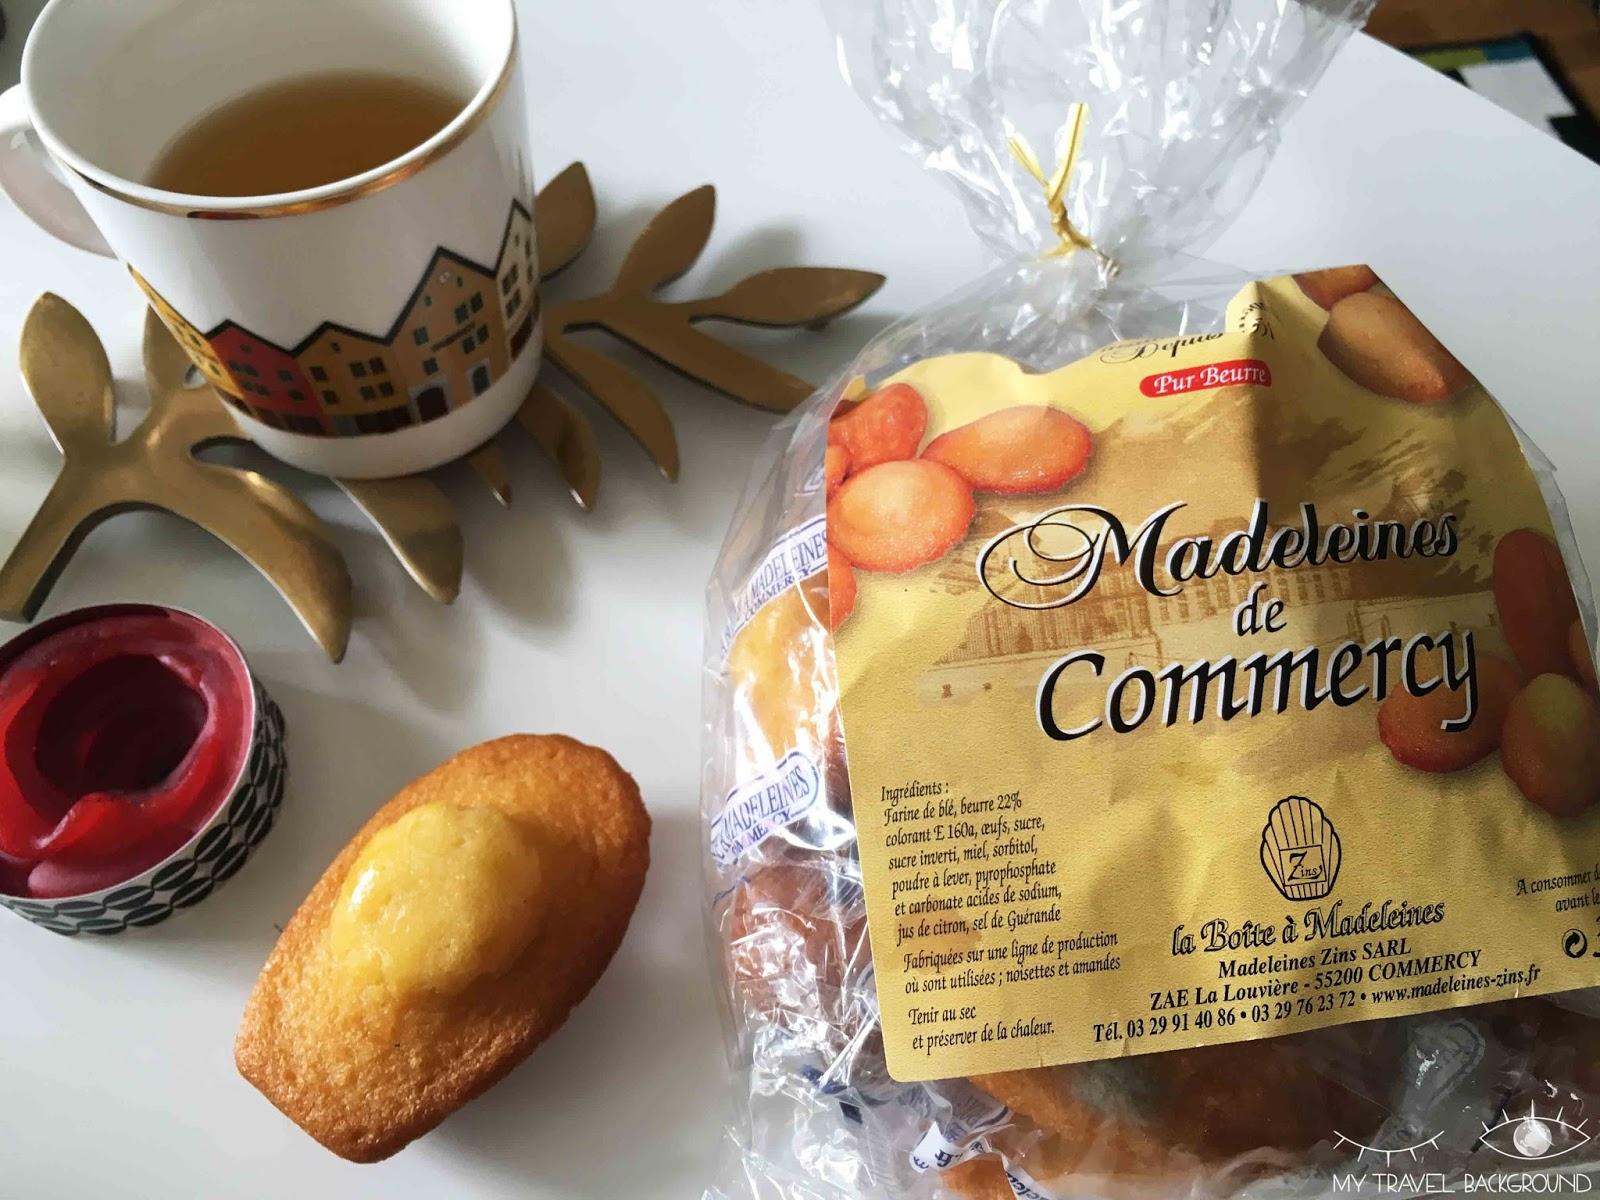 My Travel Background : Les trésors de la Lorraine (je vous emmène en Lorraine) - Madeleines de Commercy